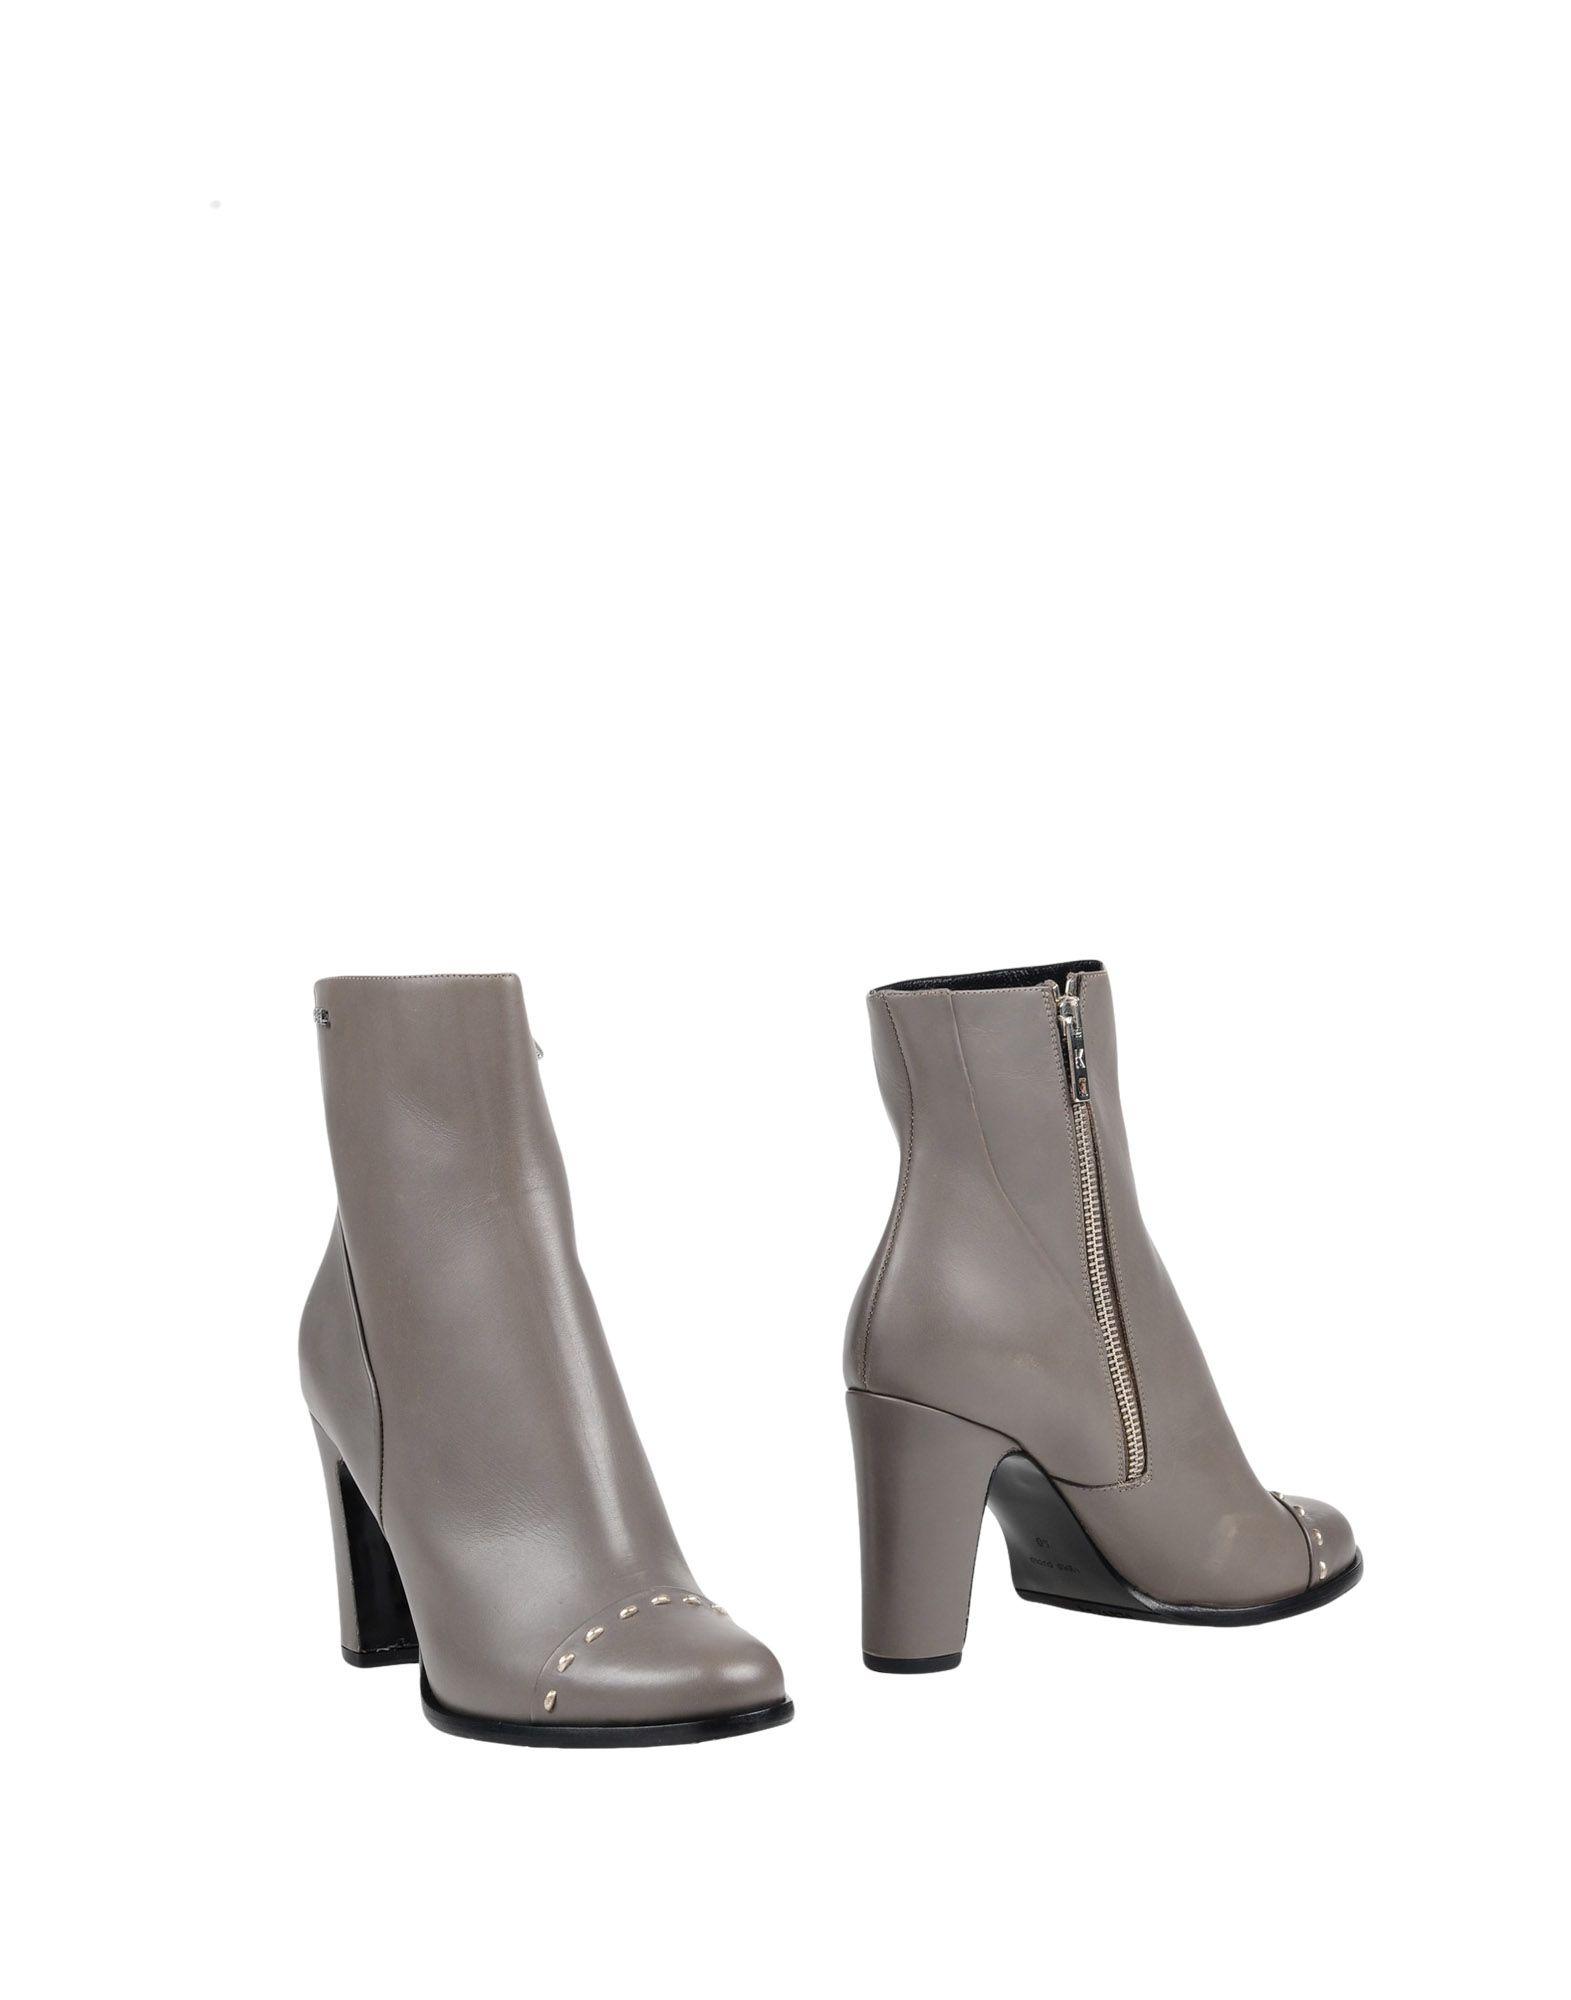 Karl Lagerfeld Stiefelette Damen  Schuhe 11424921VBGut aussehende strapazierfähige Schuhe  4cef22